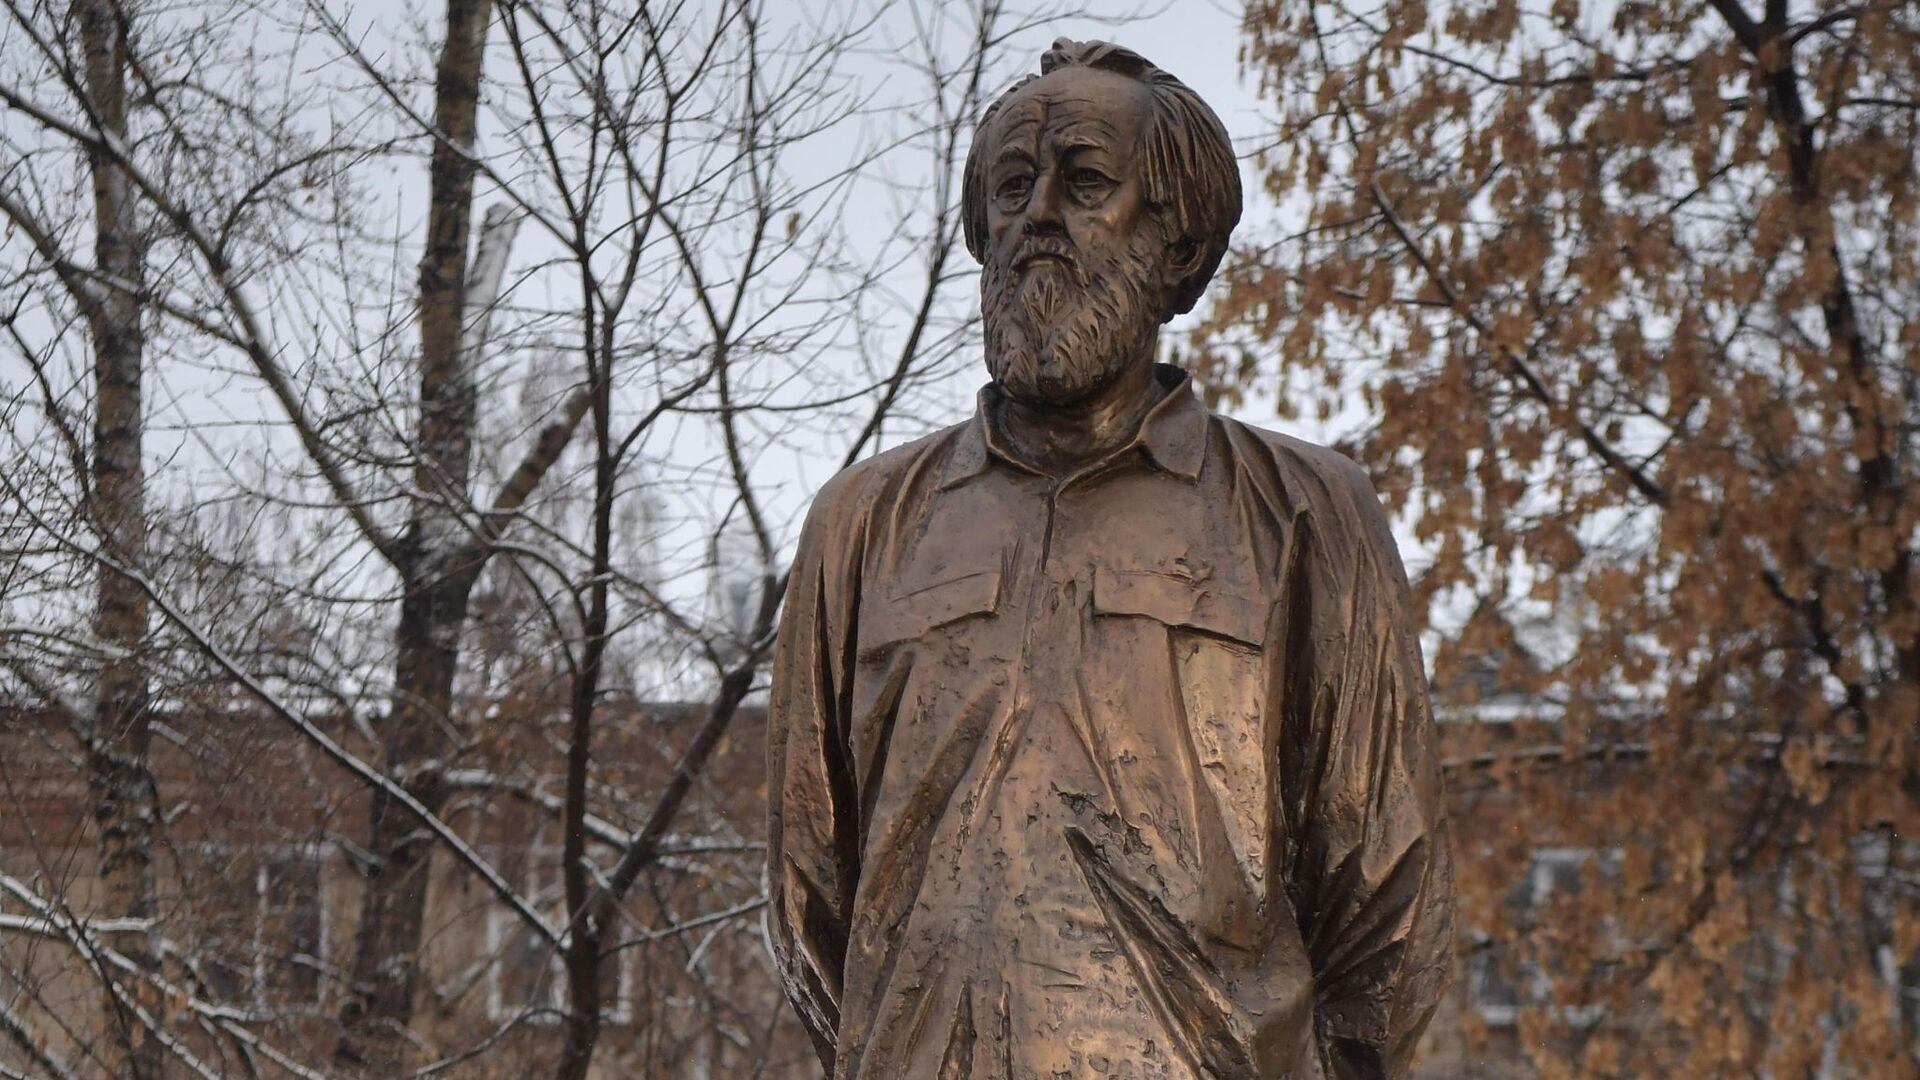 Открытие памятника писателю А. Солженицыну - РИА Новости, 1920, 11.12.2018